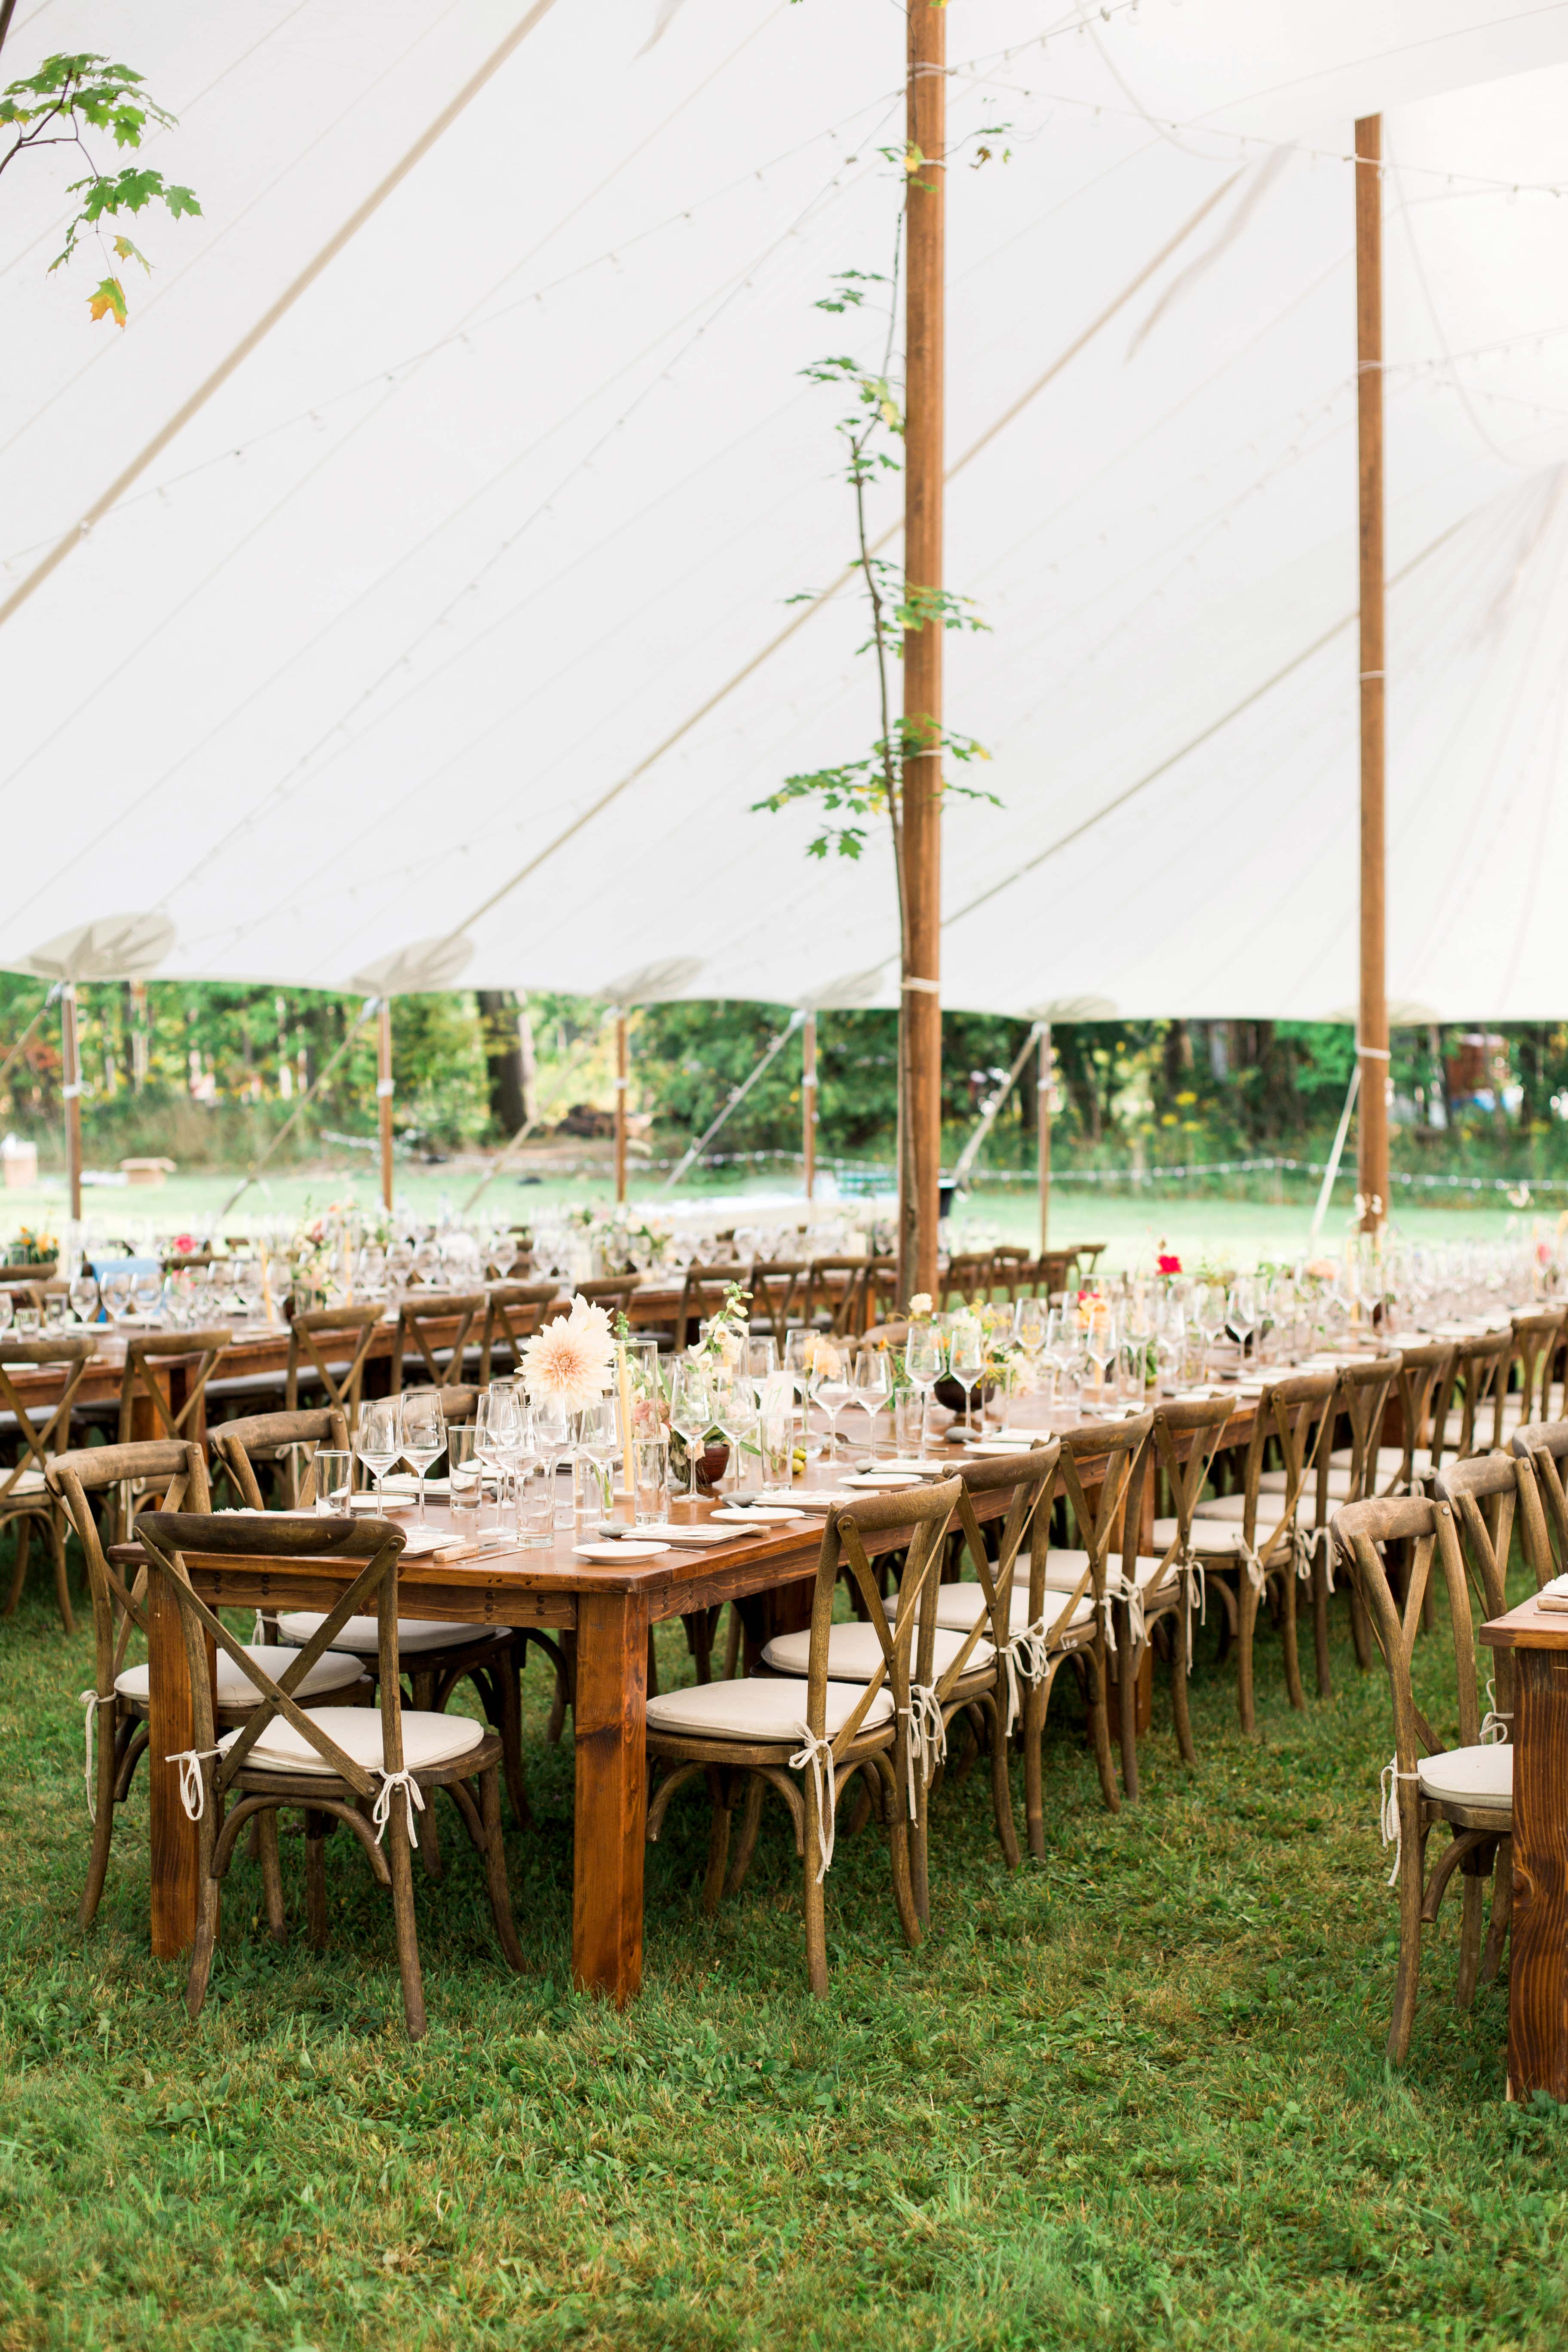 kayla michael wedding tent table